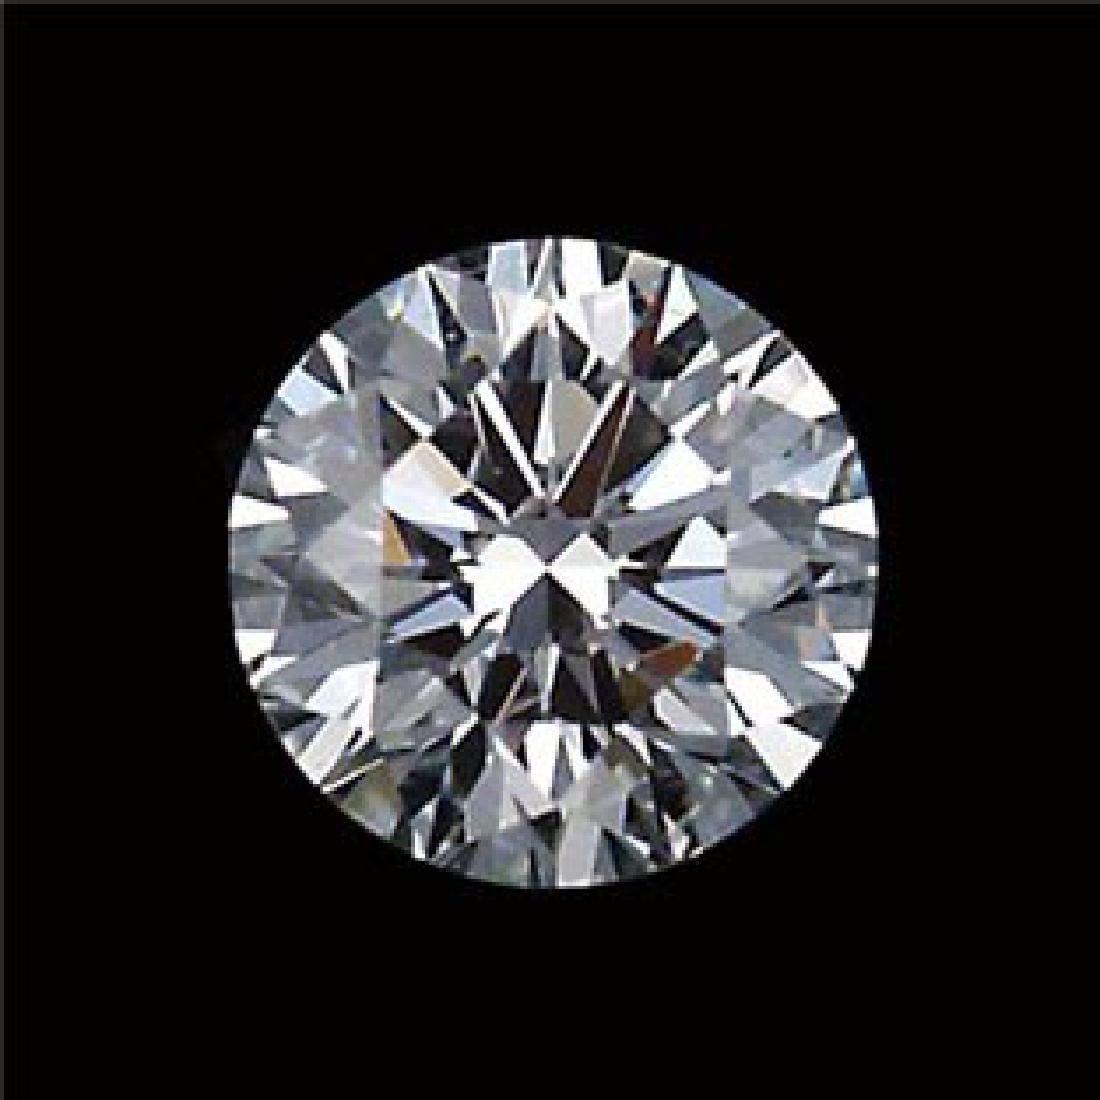 IGI CERTIFIED 0.7 CTW F/I2 ROUND DIAMOND